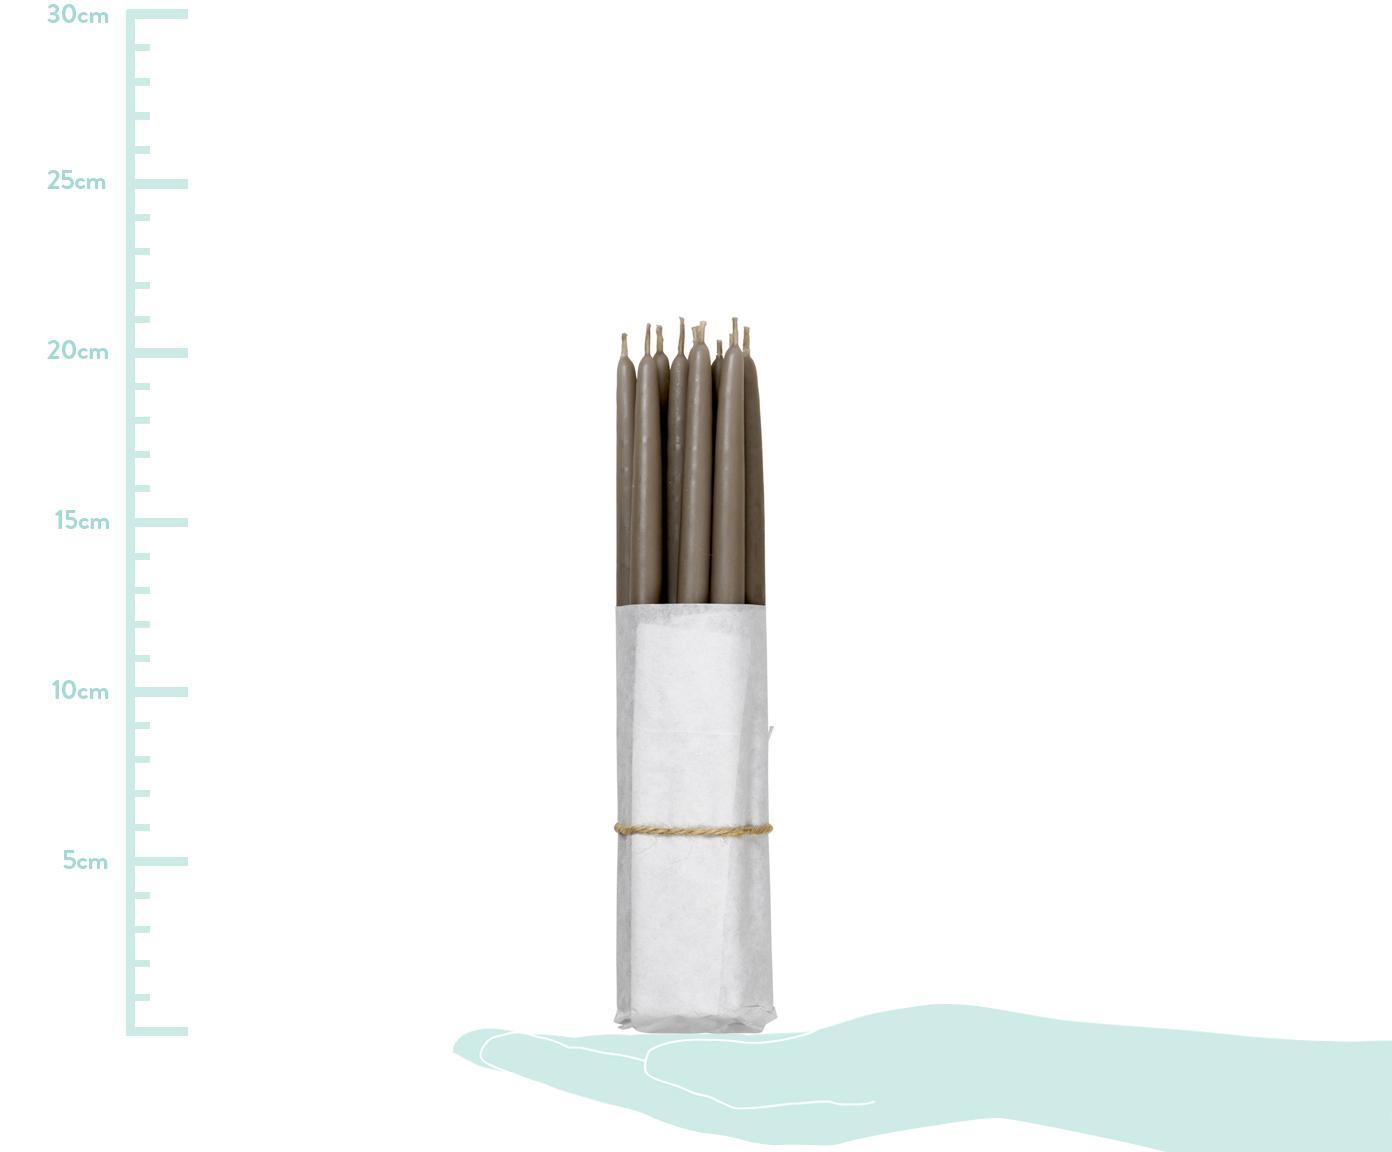 Stabkerzen Loka, 10 Stück, Paraffinwachs, Taupe, Ø 1 x H 21 cm